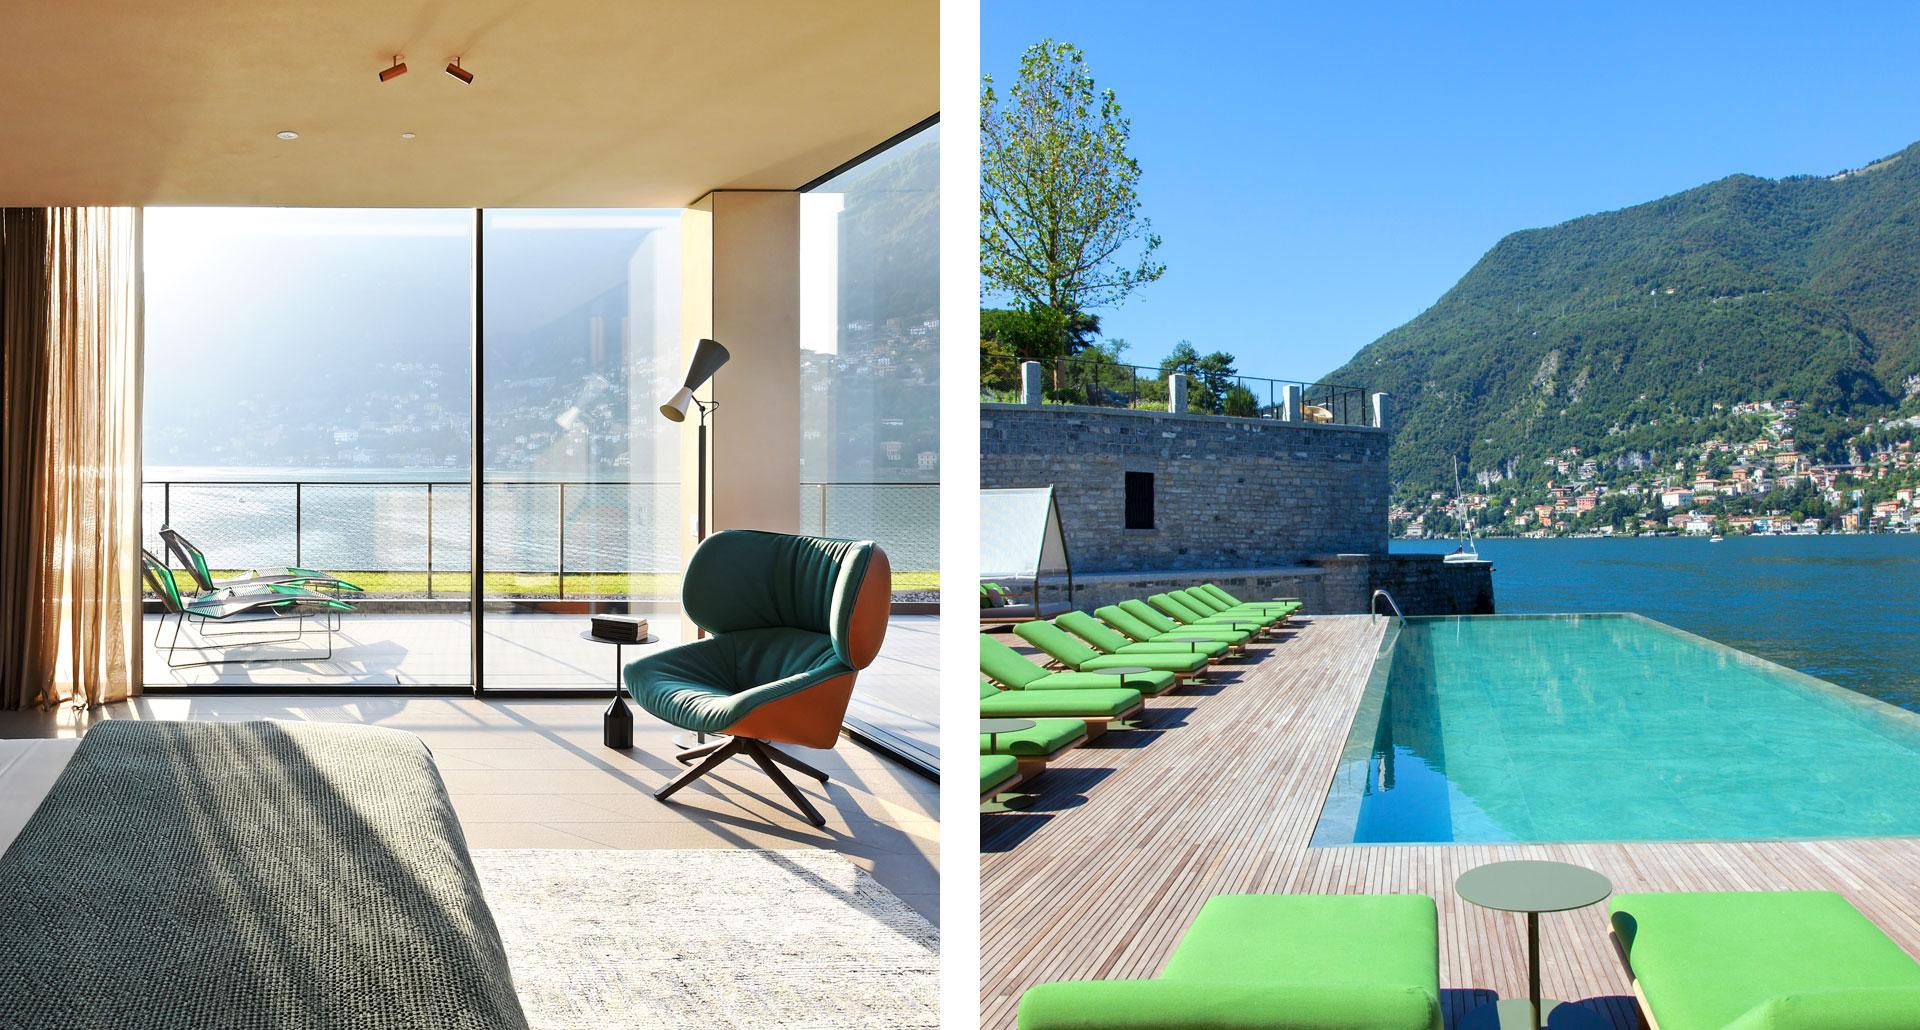 IL SERENO - boutique hotel in Lake Como